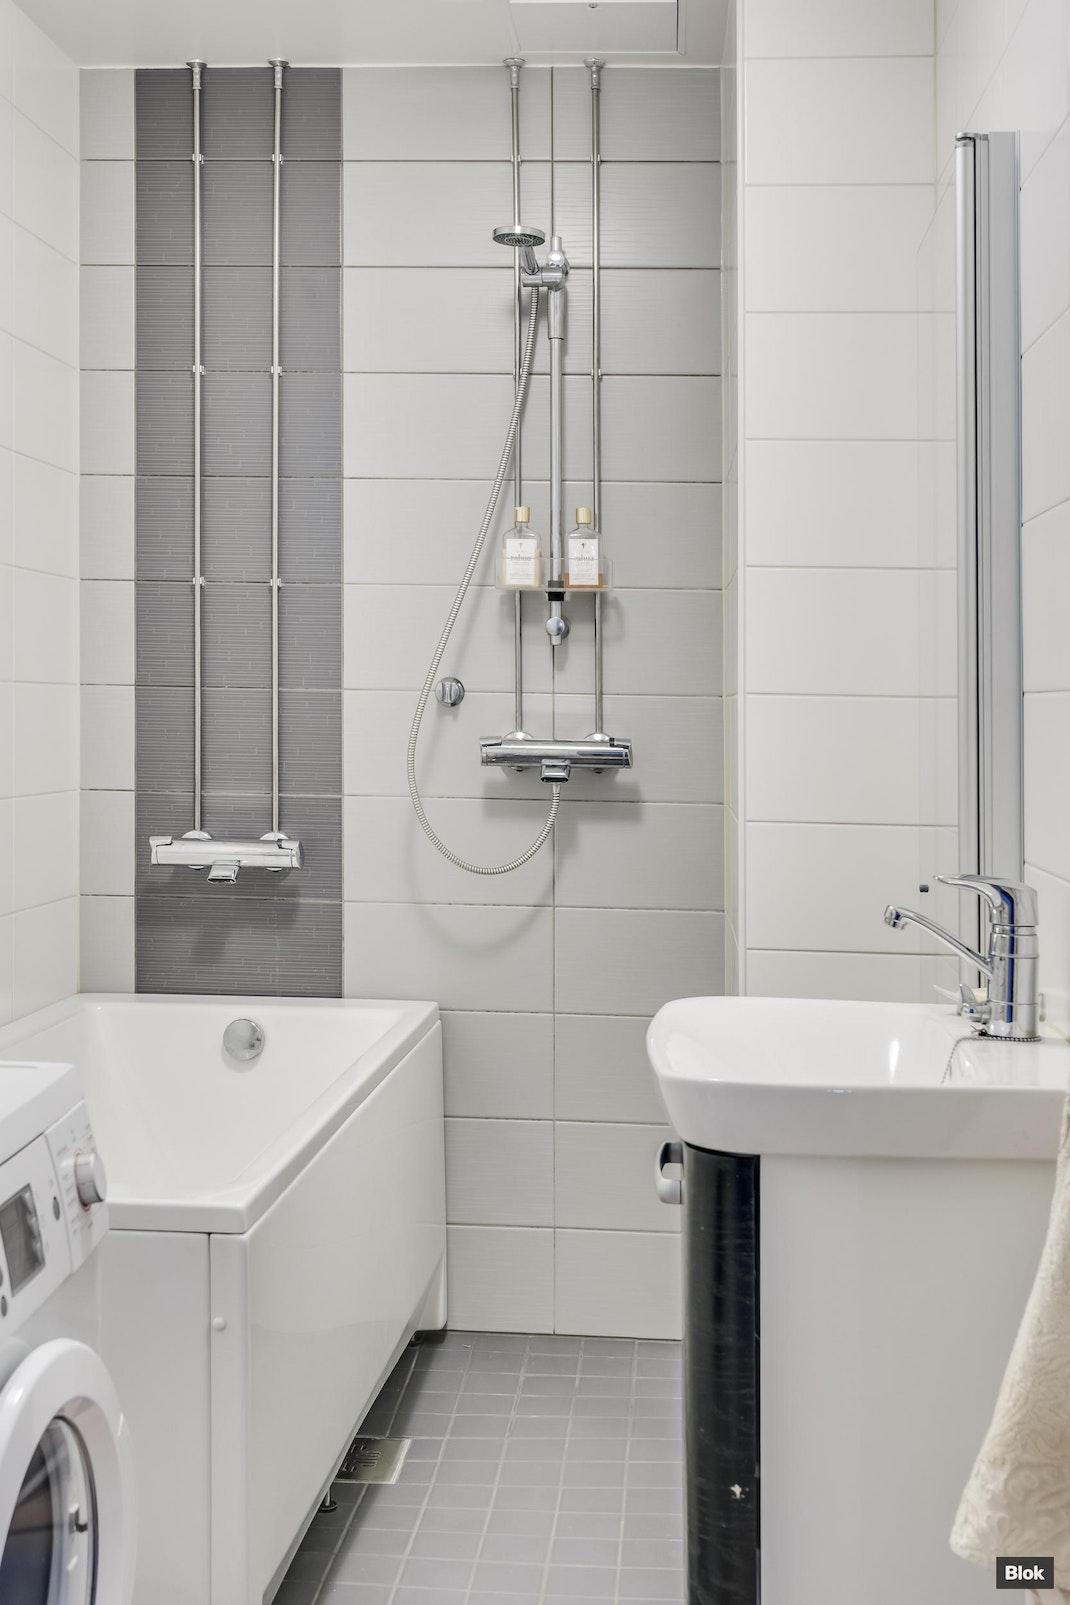 Mechelininkatu 25 A 11 Kylpyhuone & Erillinen WC